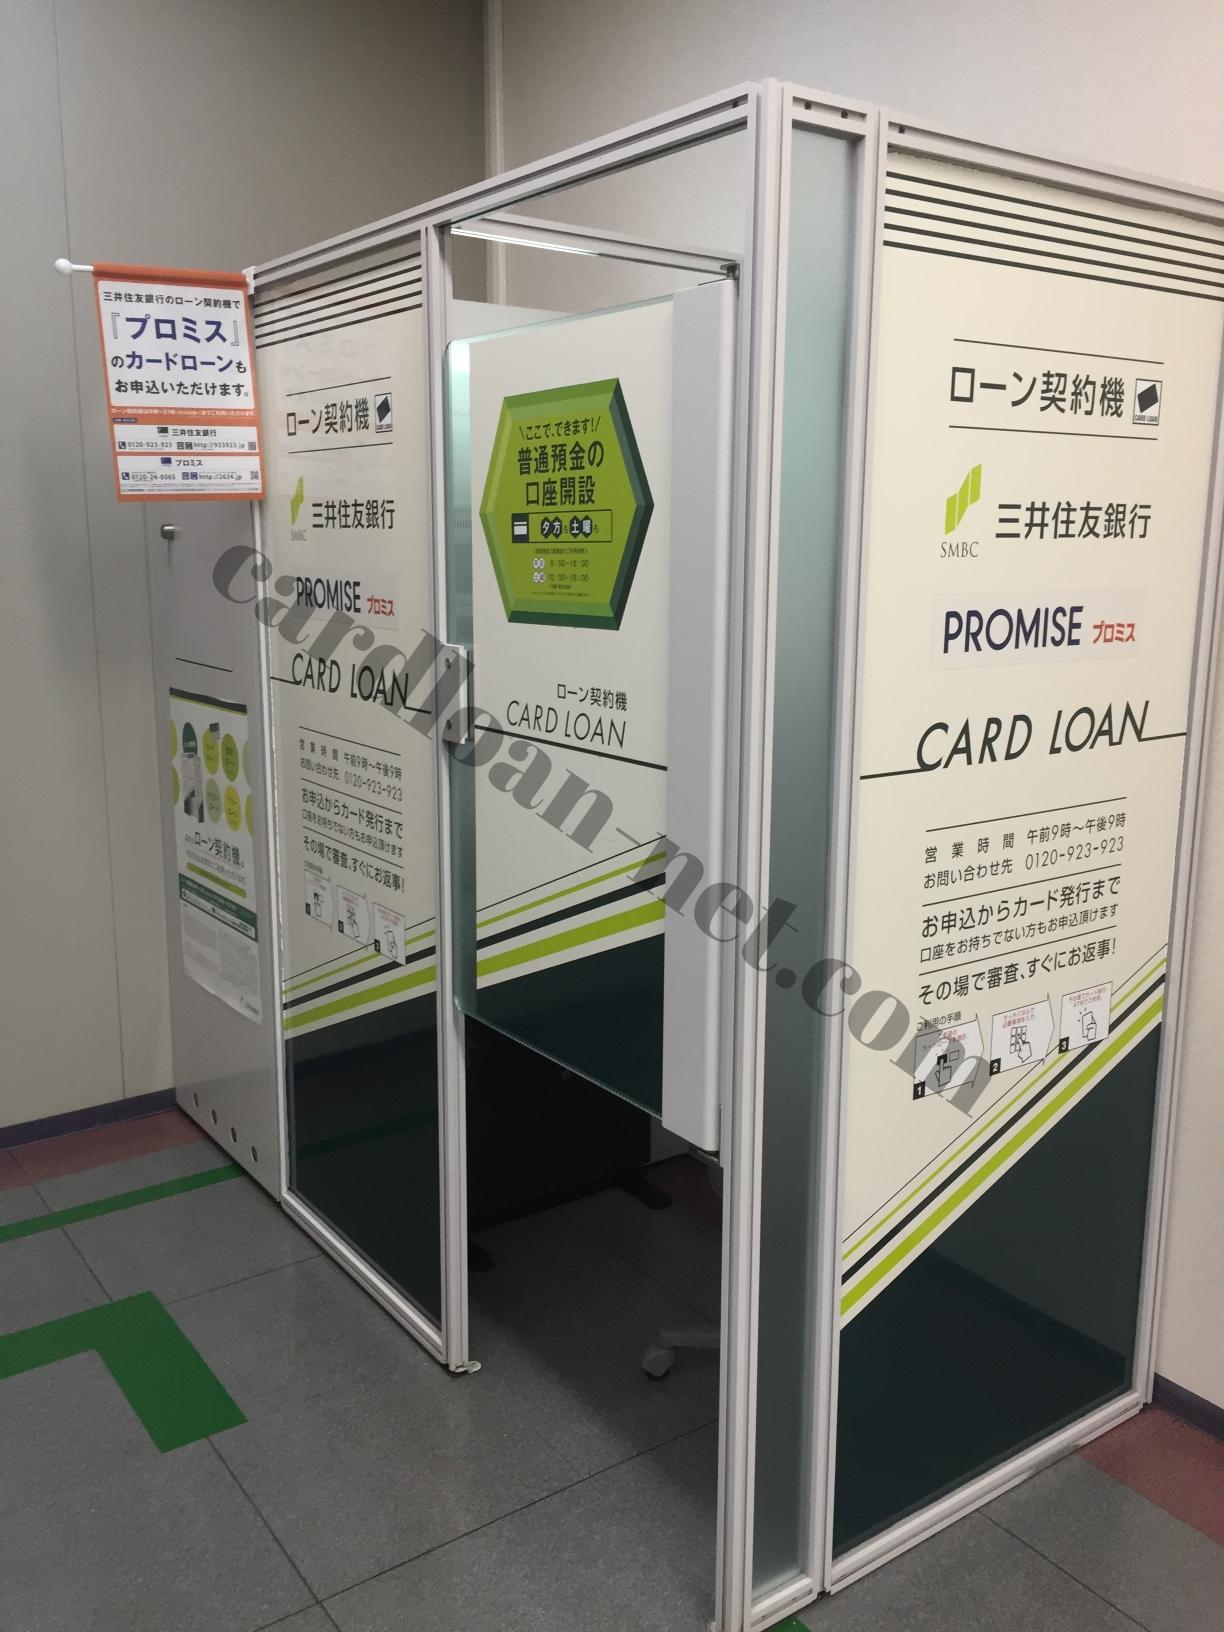 三井住友銀行のローン契約機